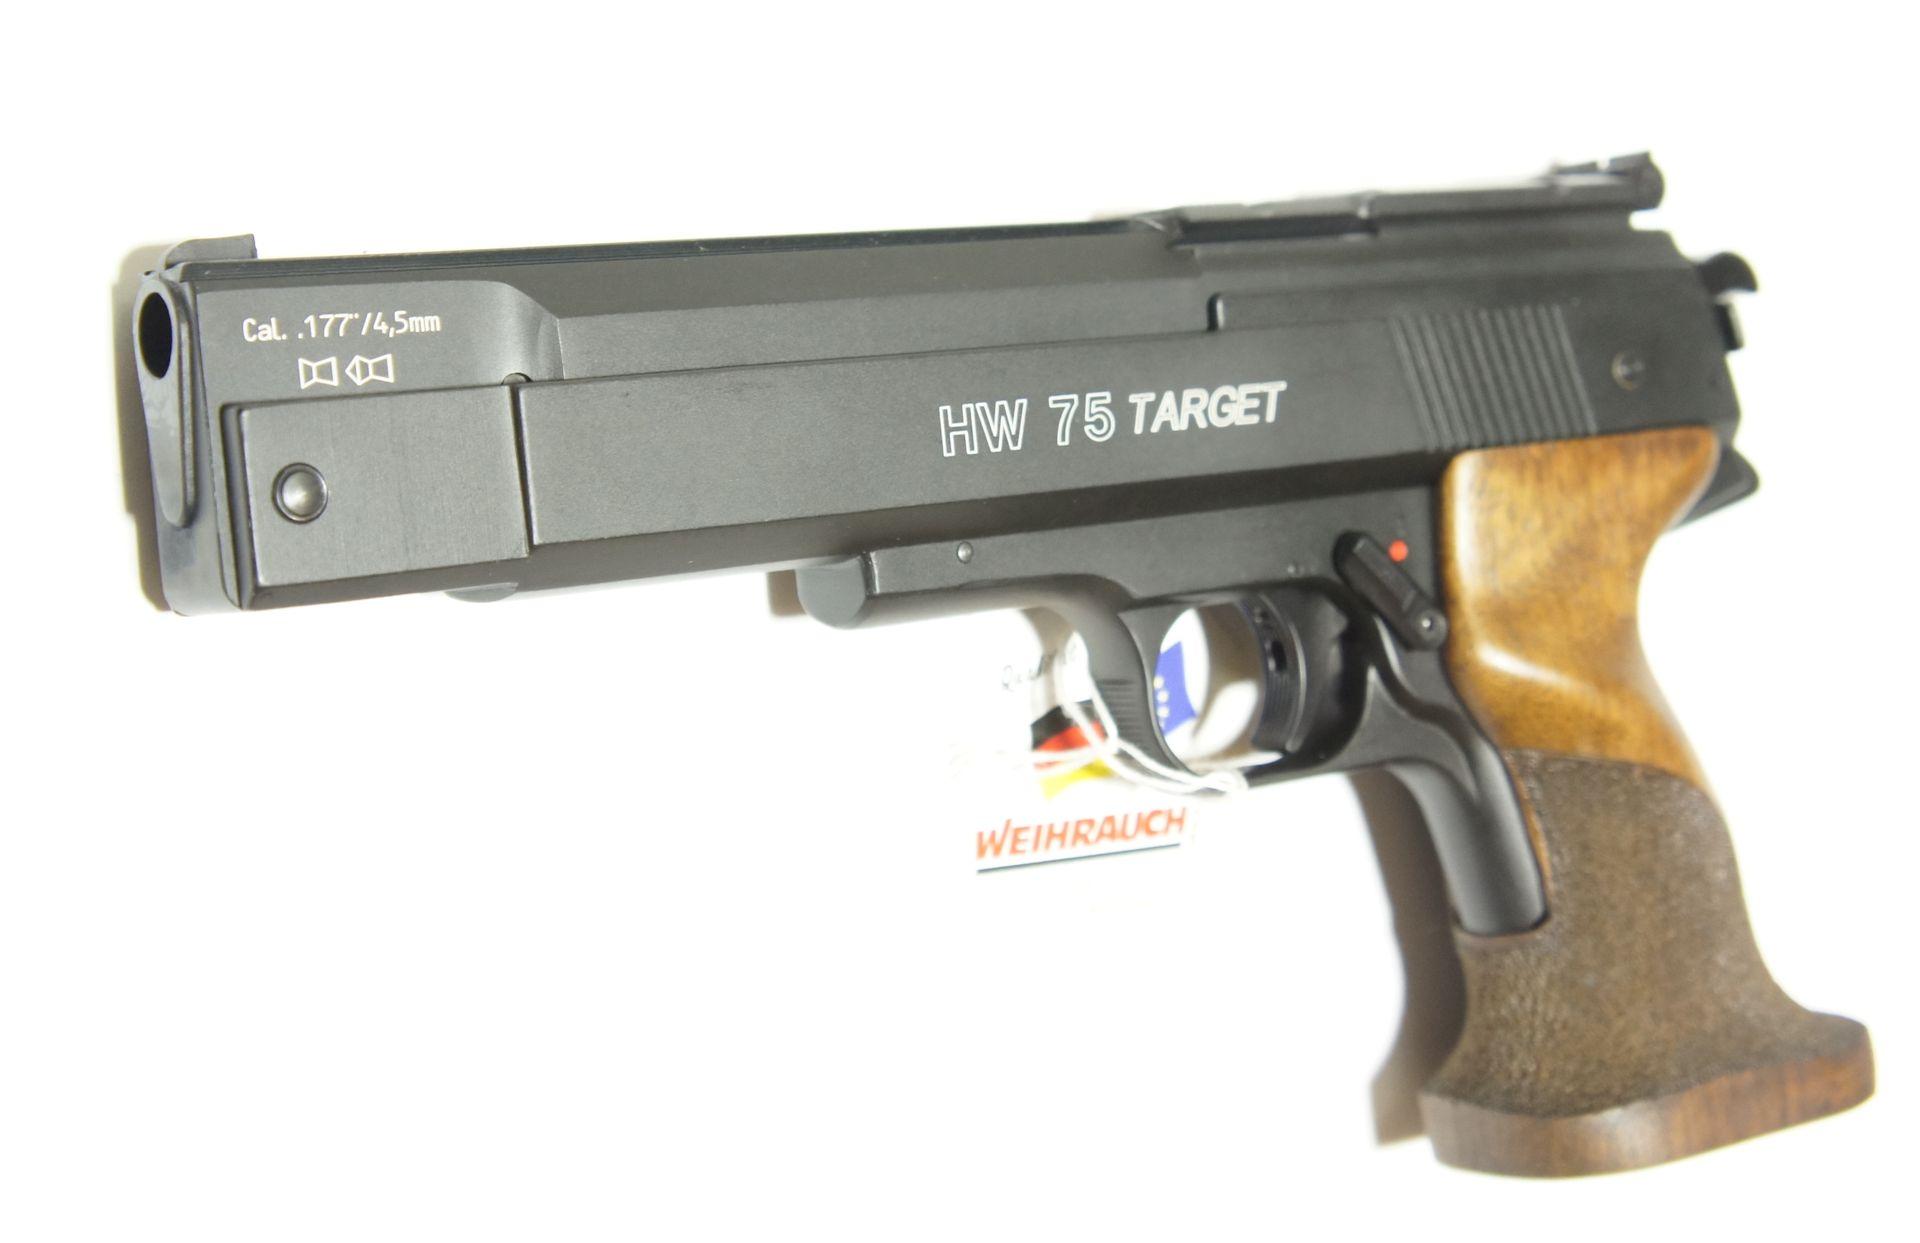 HW 75 im Kaliber im 4,5mm.